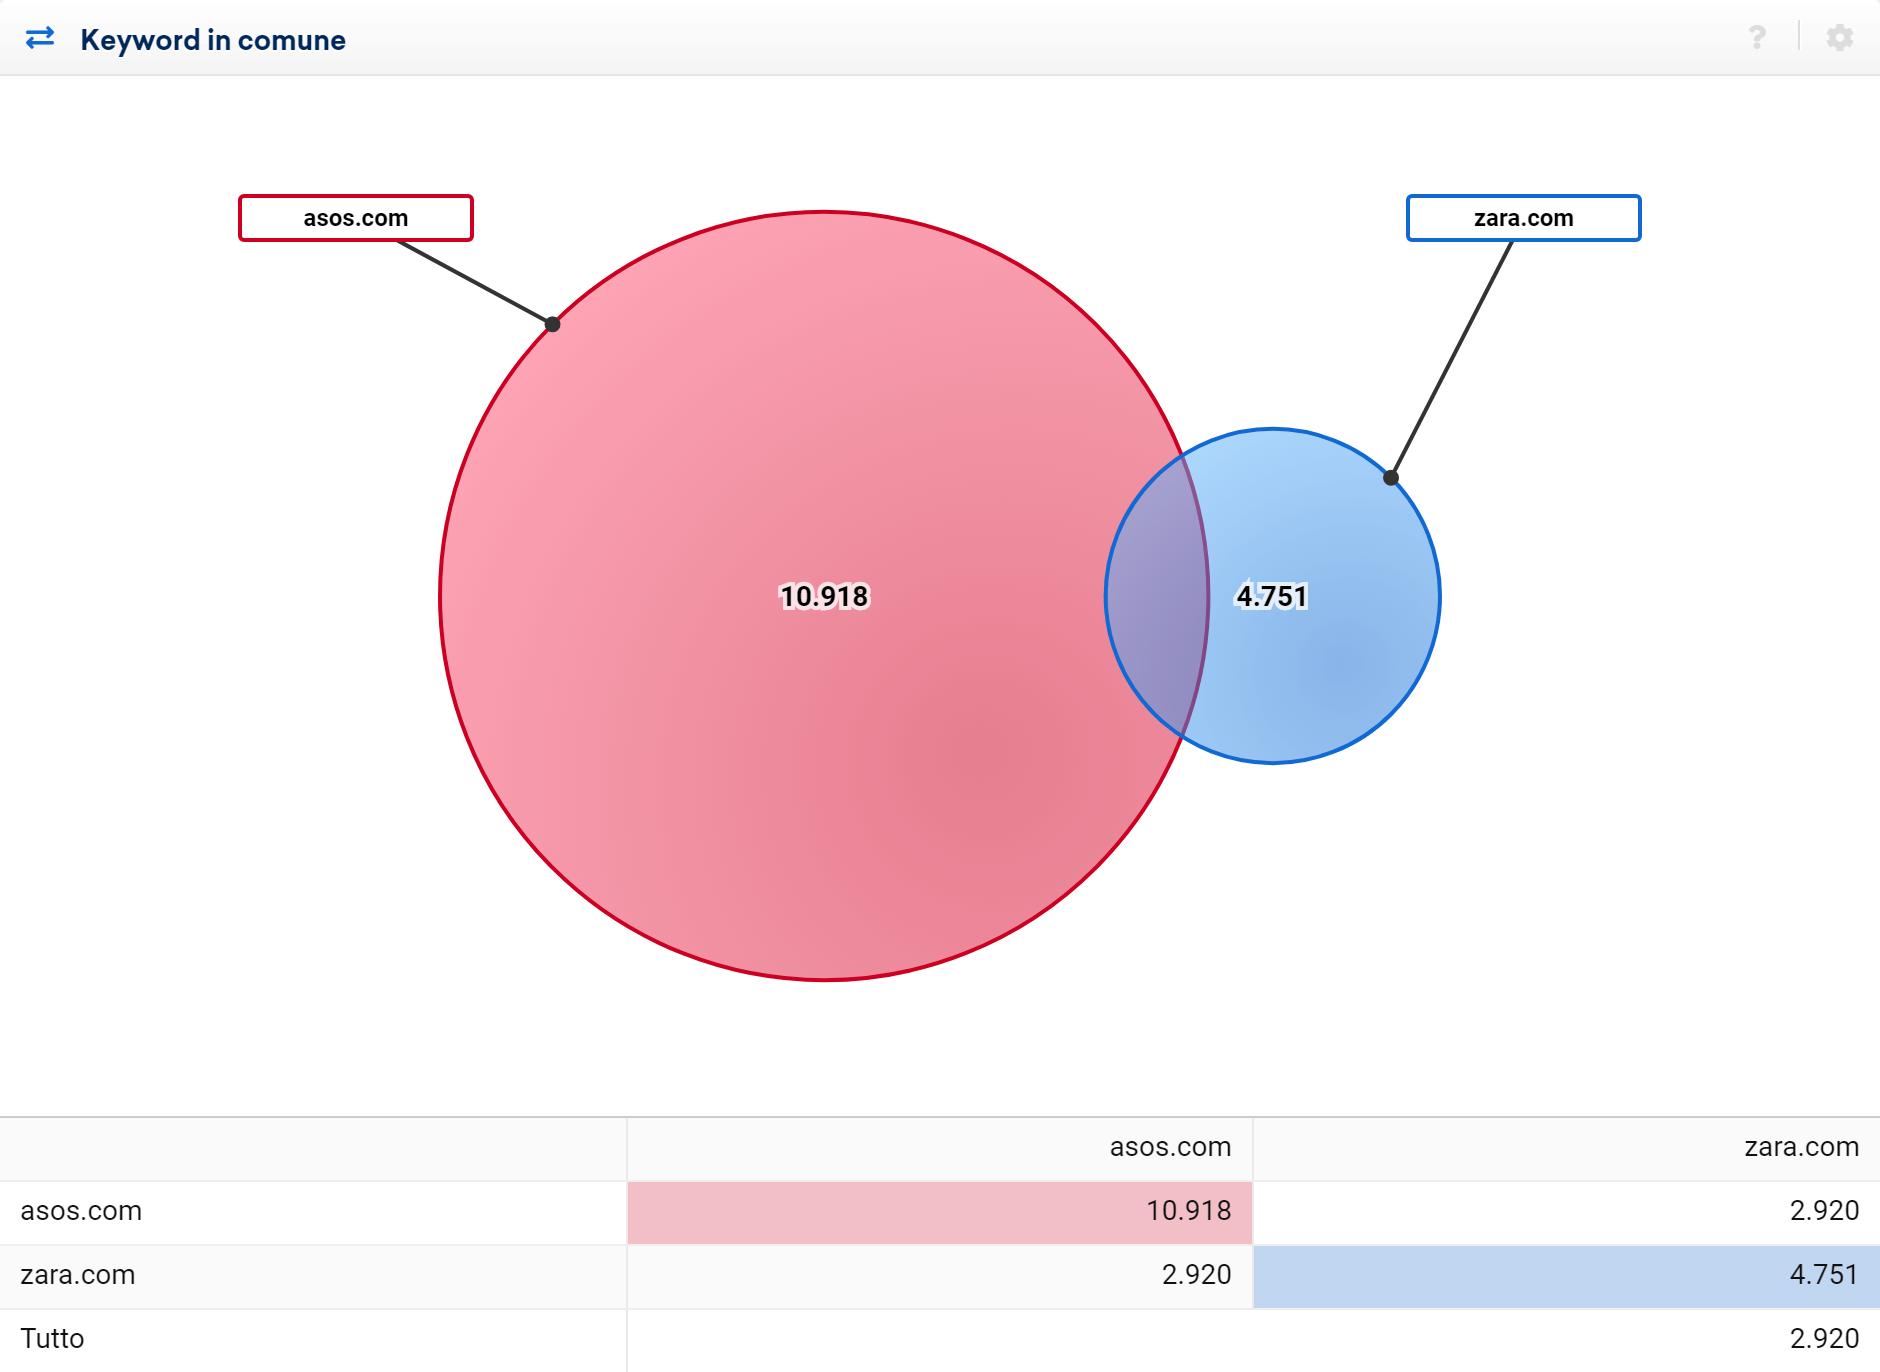 Toolbox SISTRIX: confronto delle keyword in comune tra asos.com e zara.com nel 2016